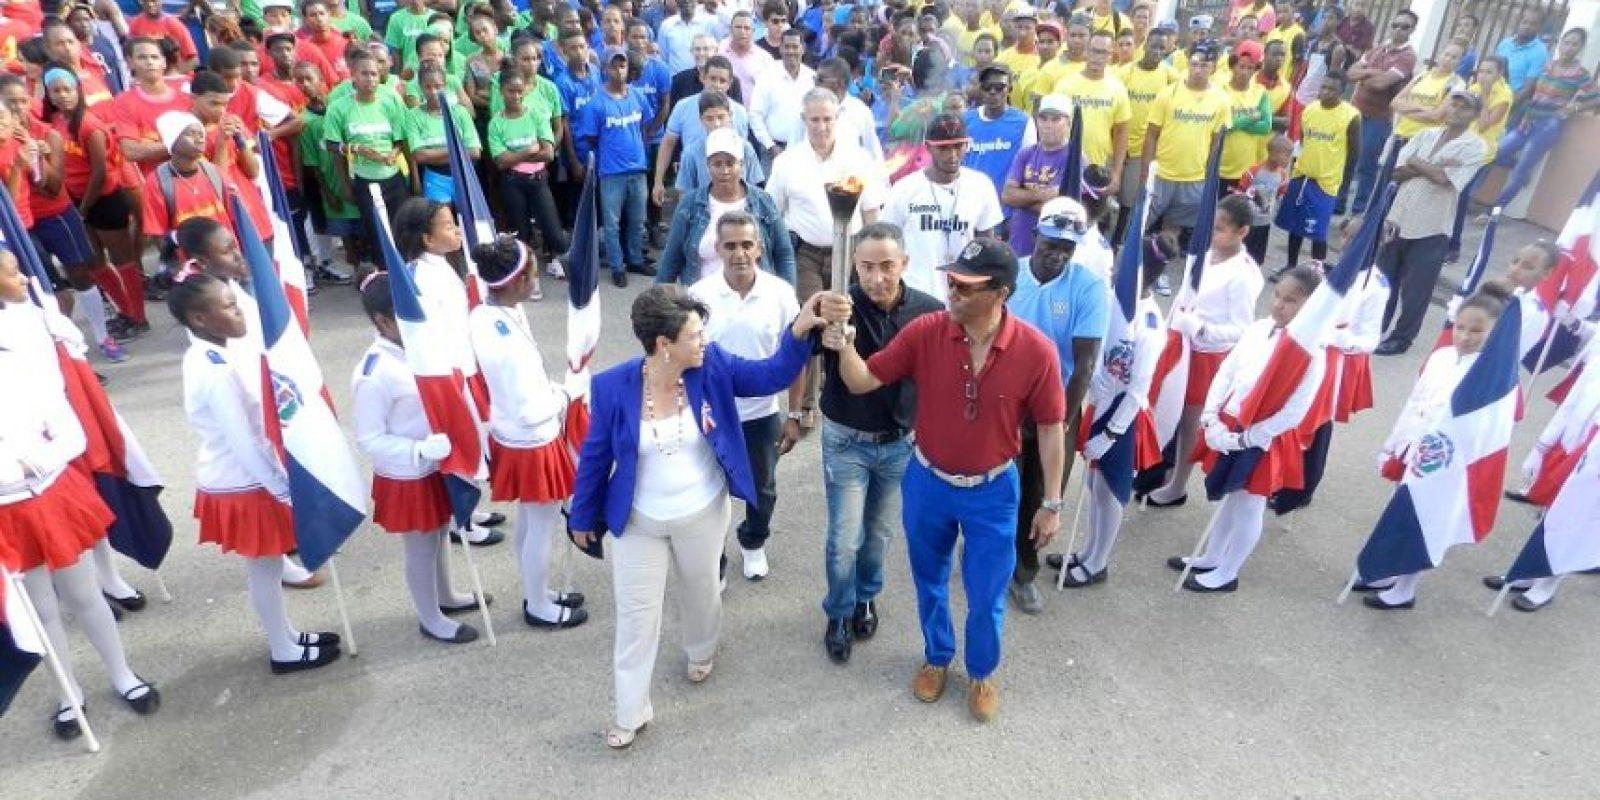 La alcaldesa Bertilia Fernández y el inmortal del deporte dominicano Fidel Mejía sostienen la antorcha de los Juegos Municipales en el marco del acto de apertura. Foto:Fuente Externa